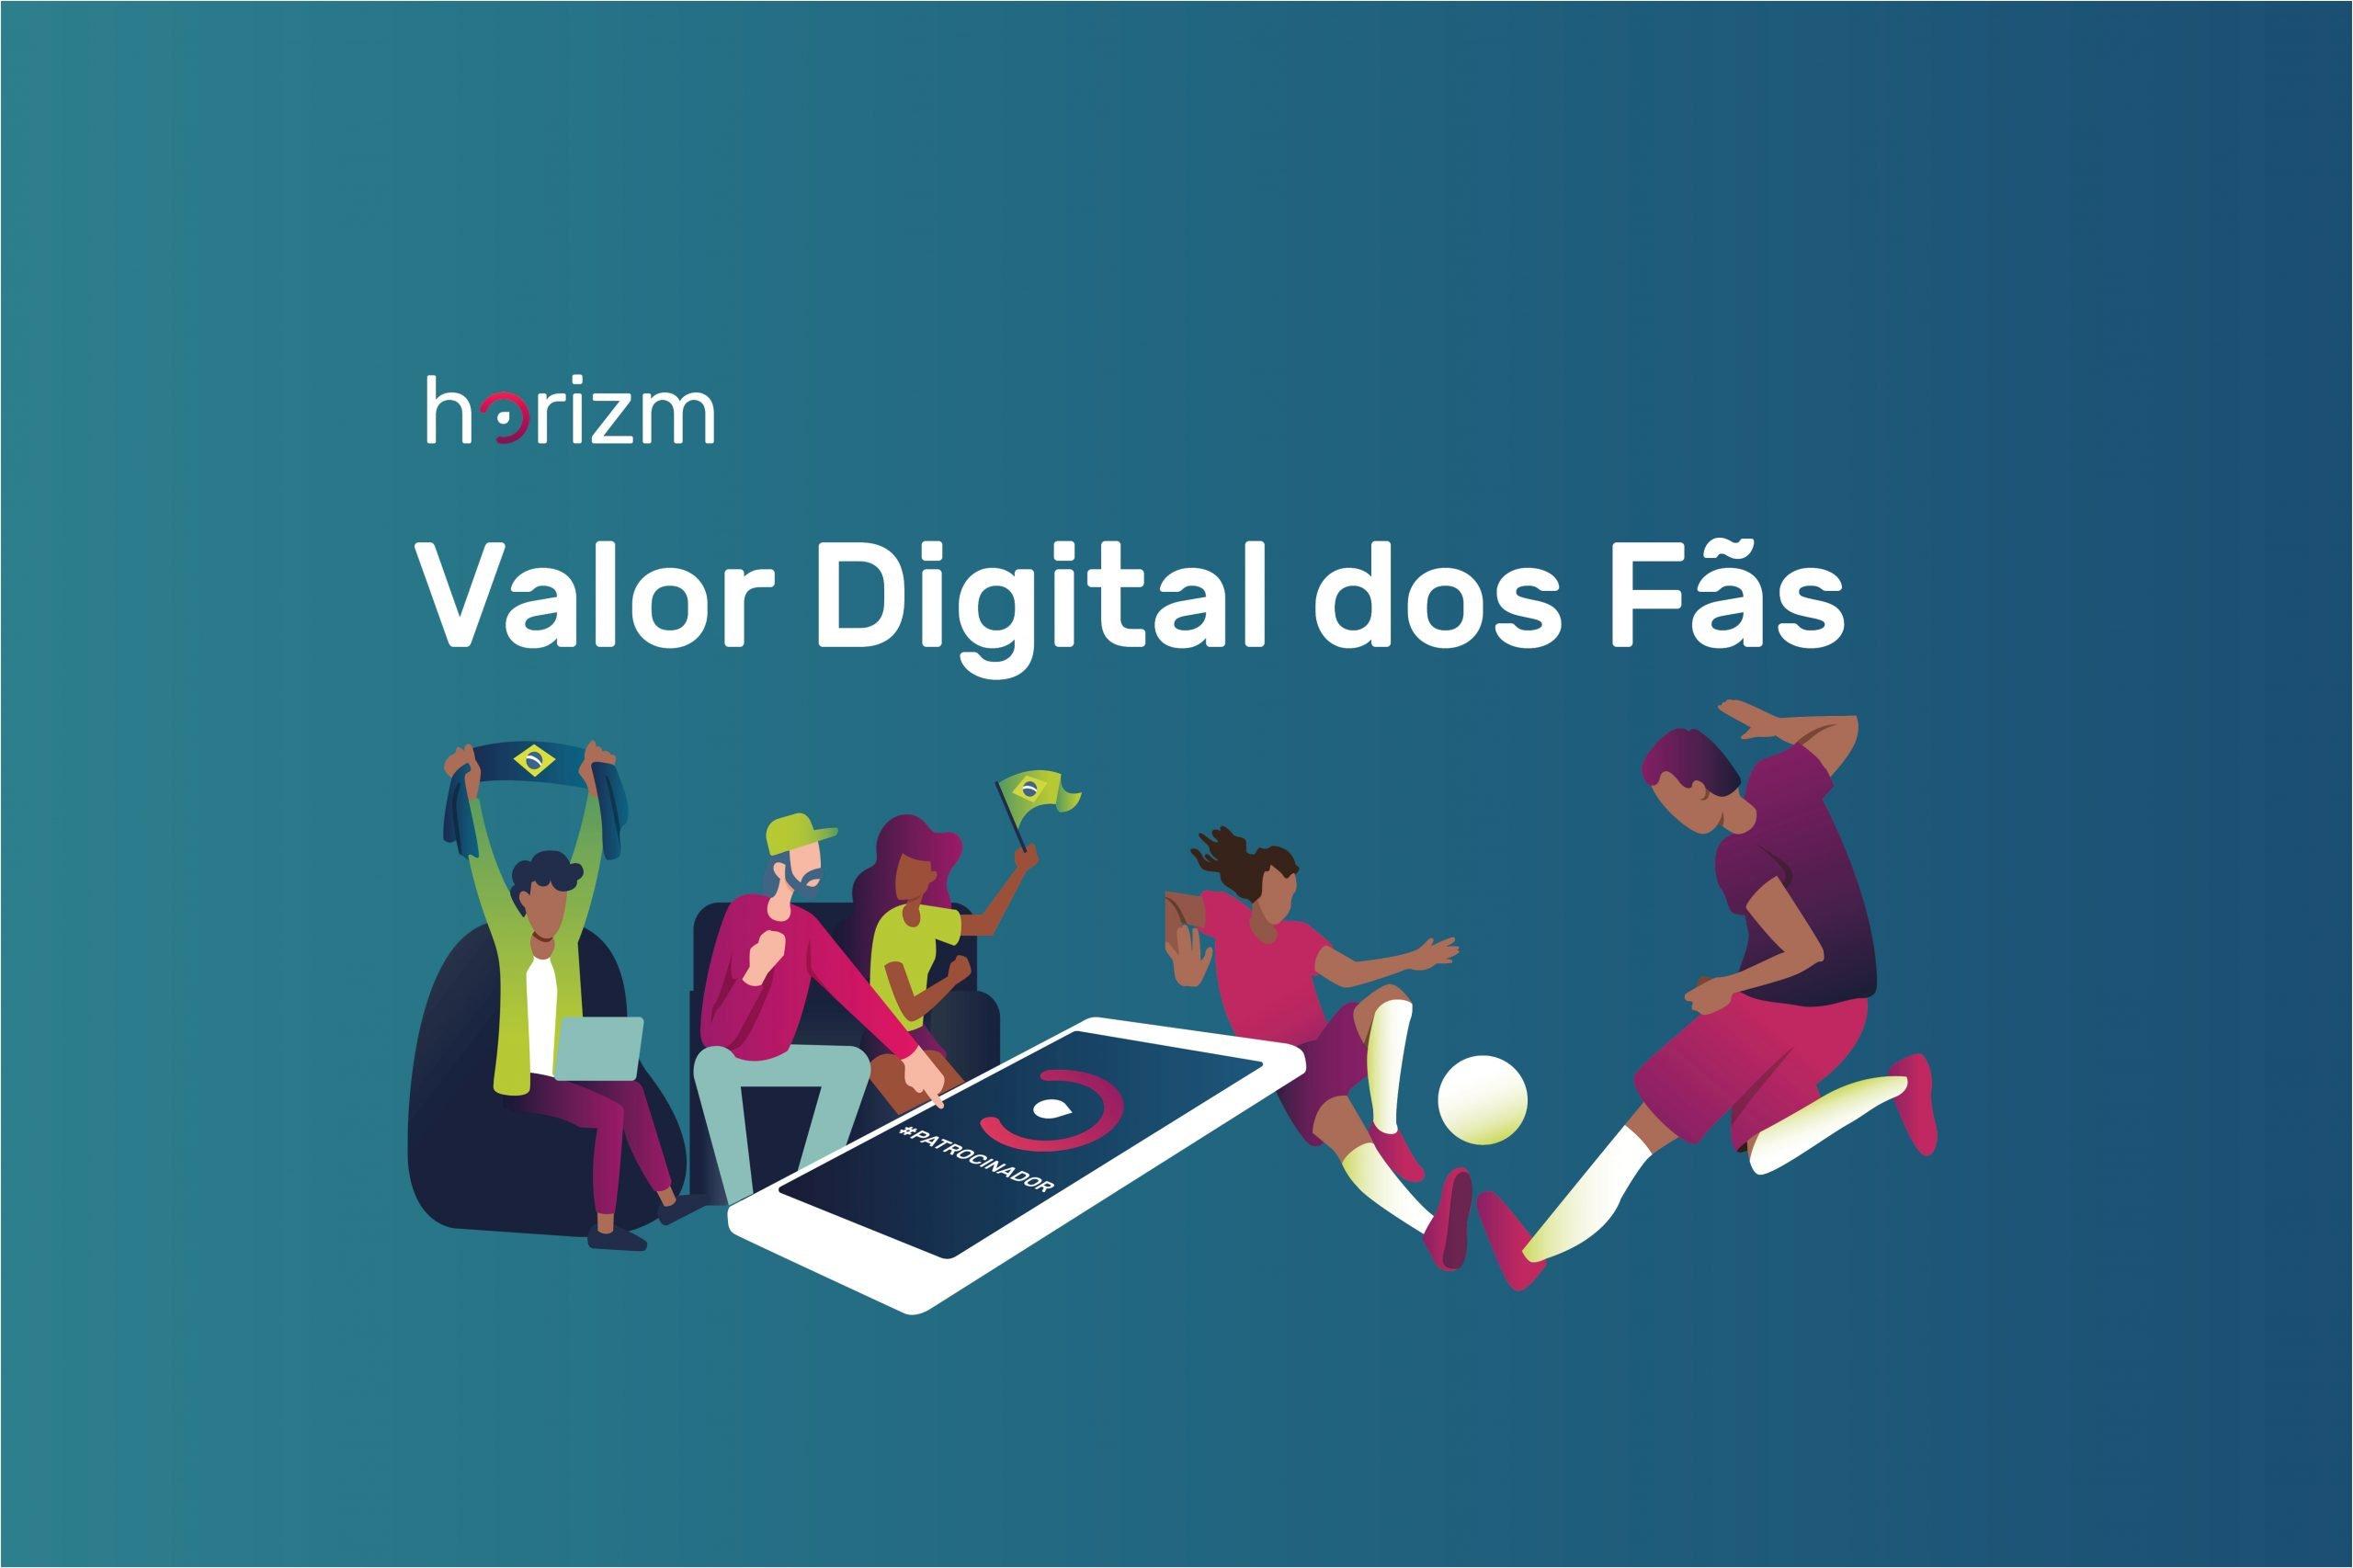 Relatório da Horizm mostra Flamengo e Campeonato Brasileiro como potenciais estrelas do mercado digital